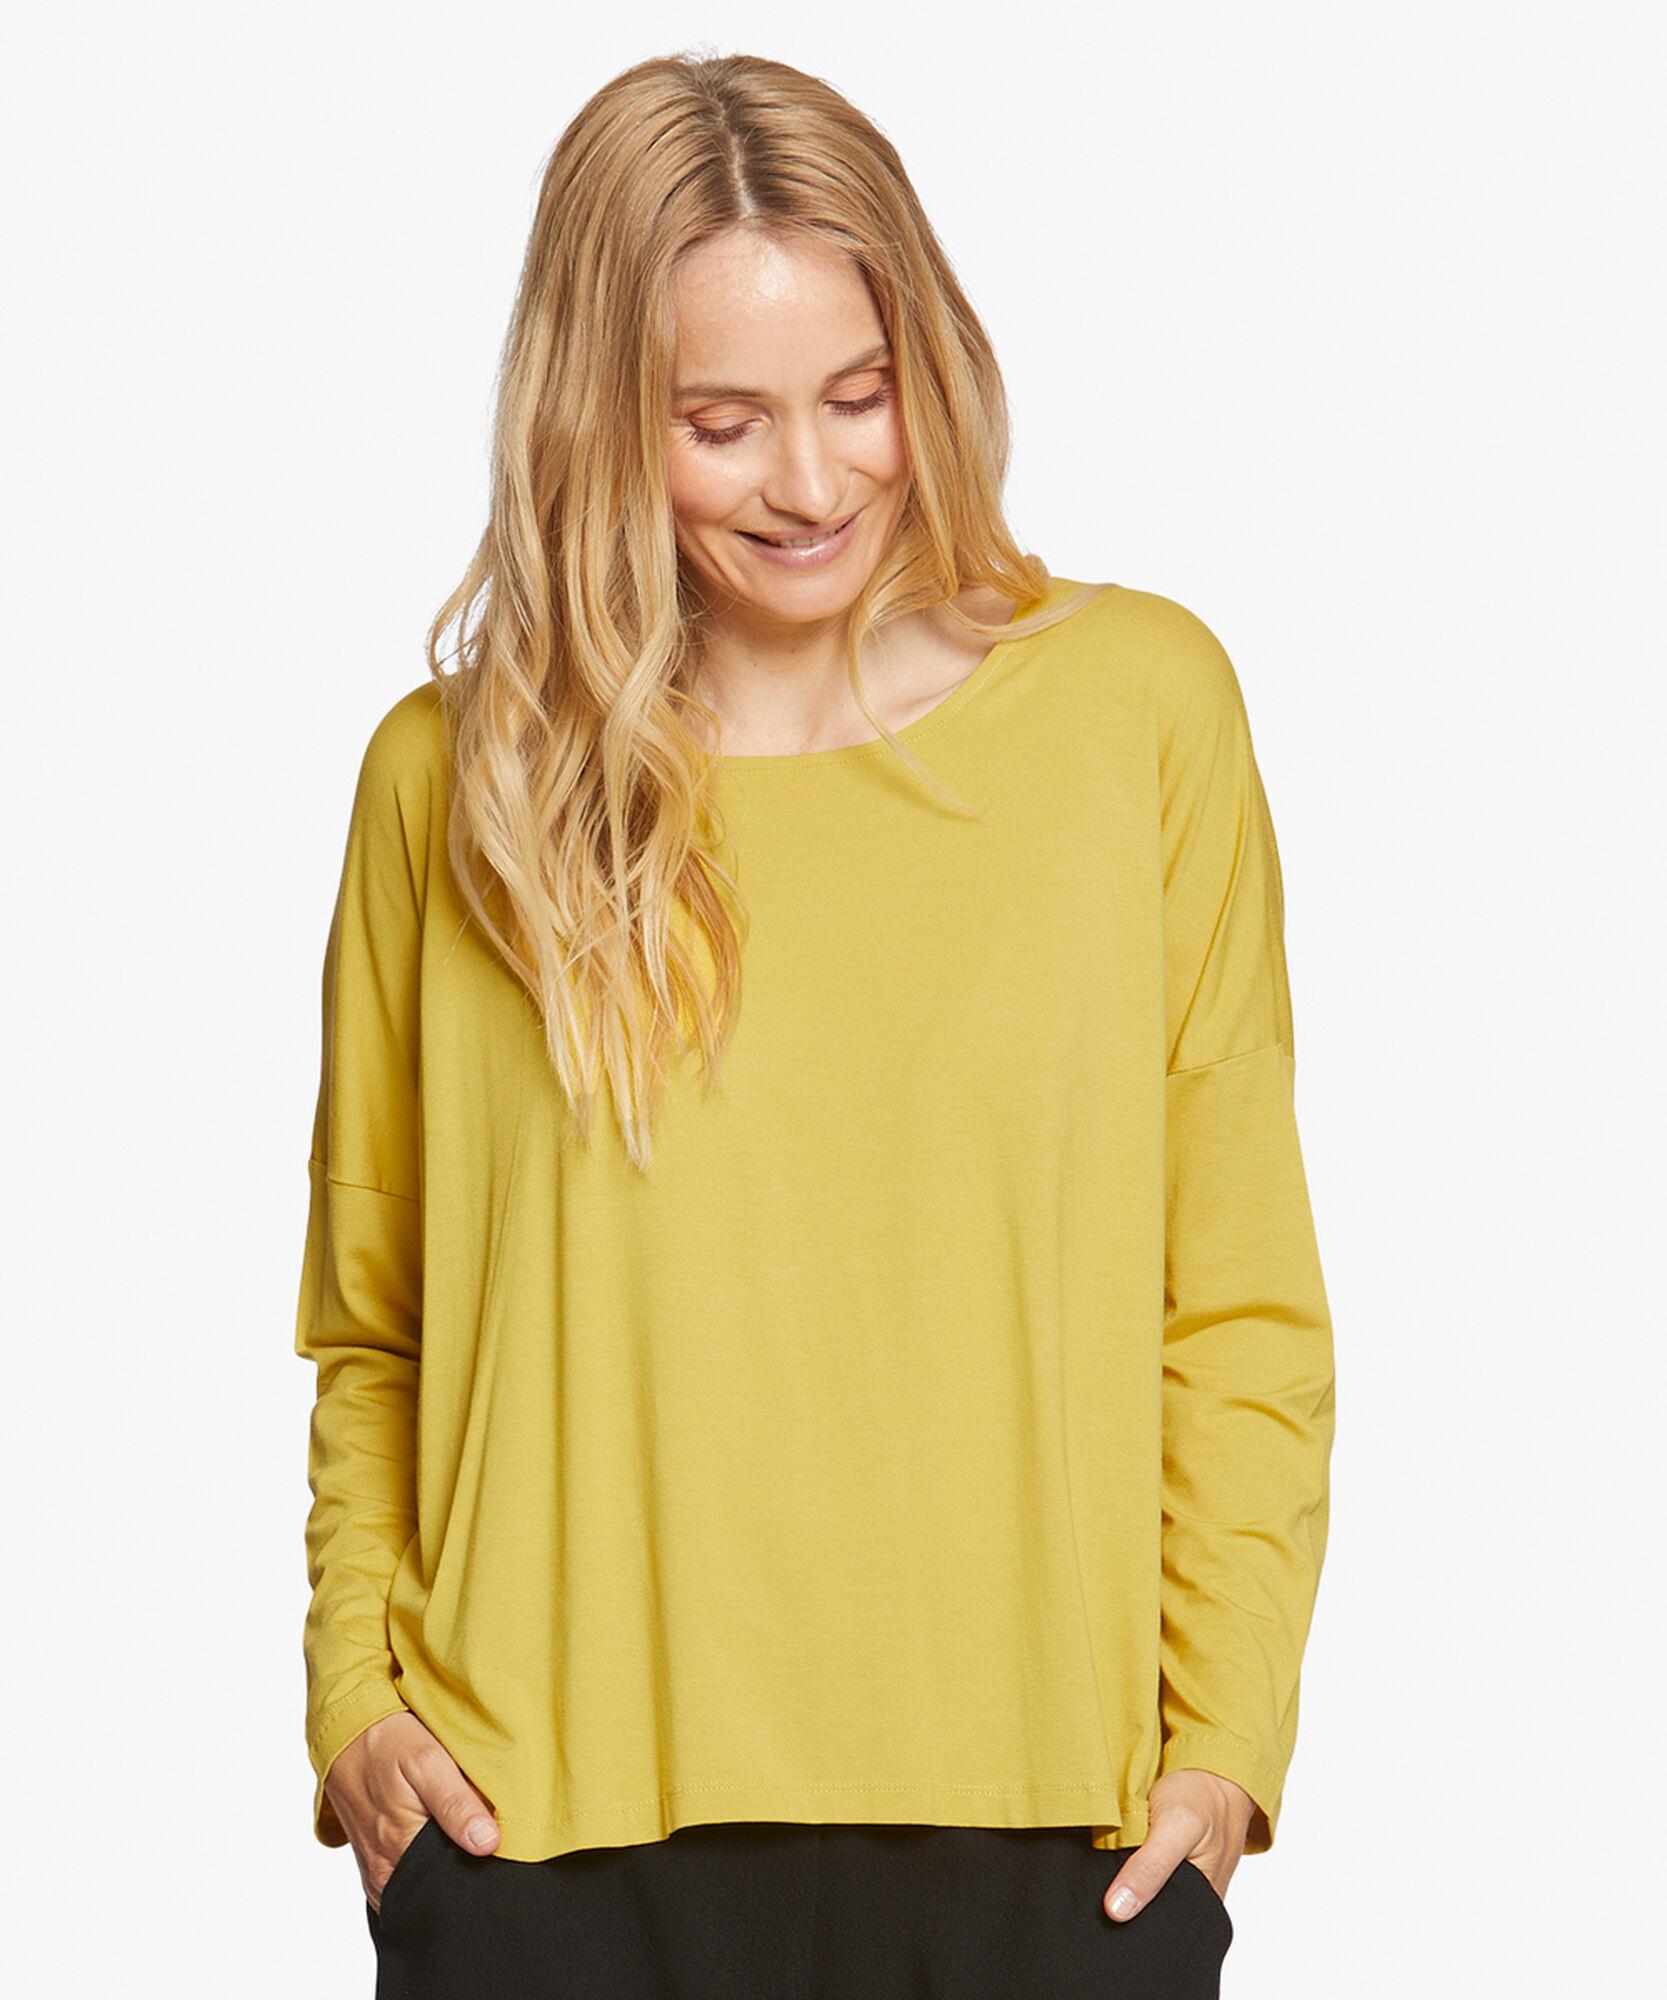 BABUA TOP, Oil Yellow, hi-res